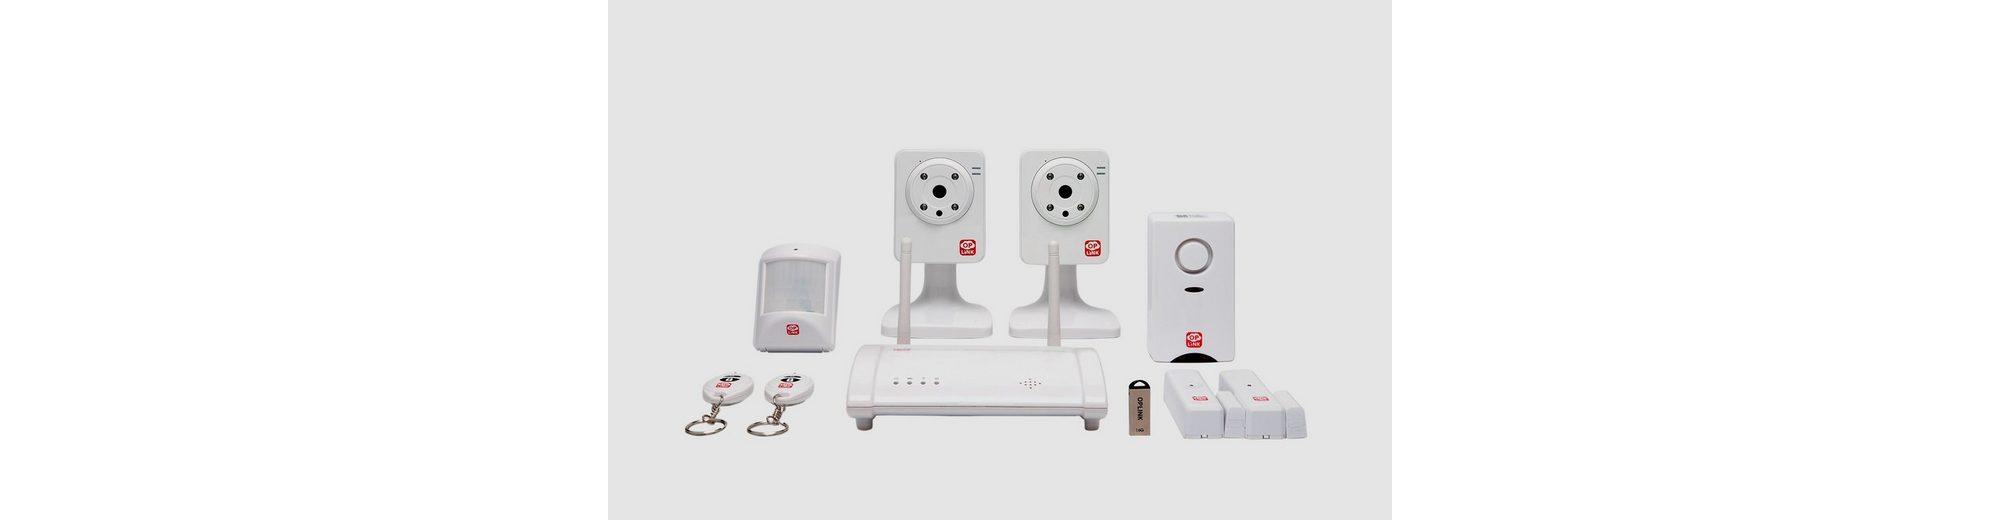 OPLINK Smart Home Security Überwachung Lösung »TripleShield C2S6«